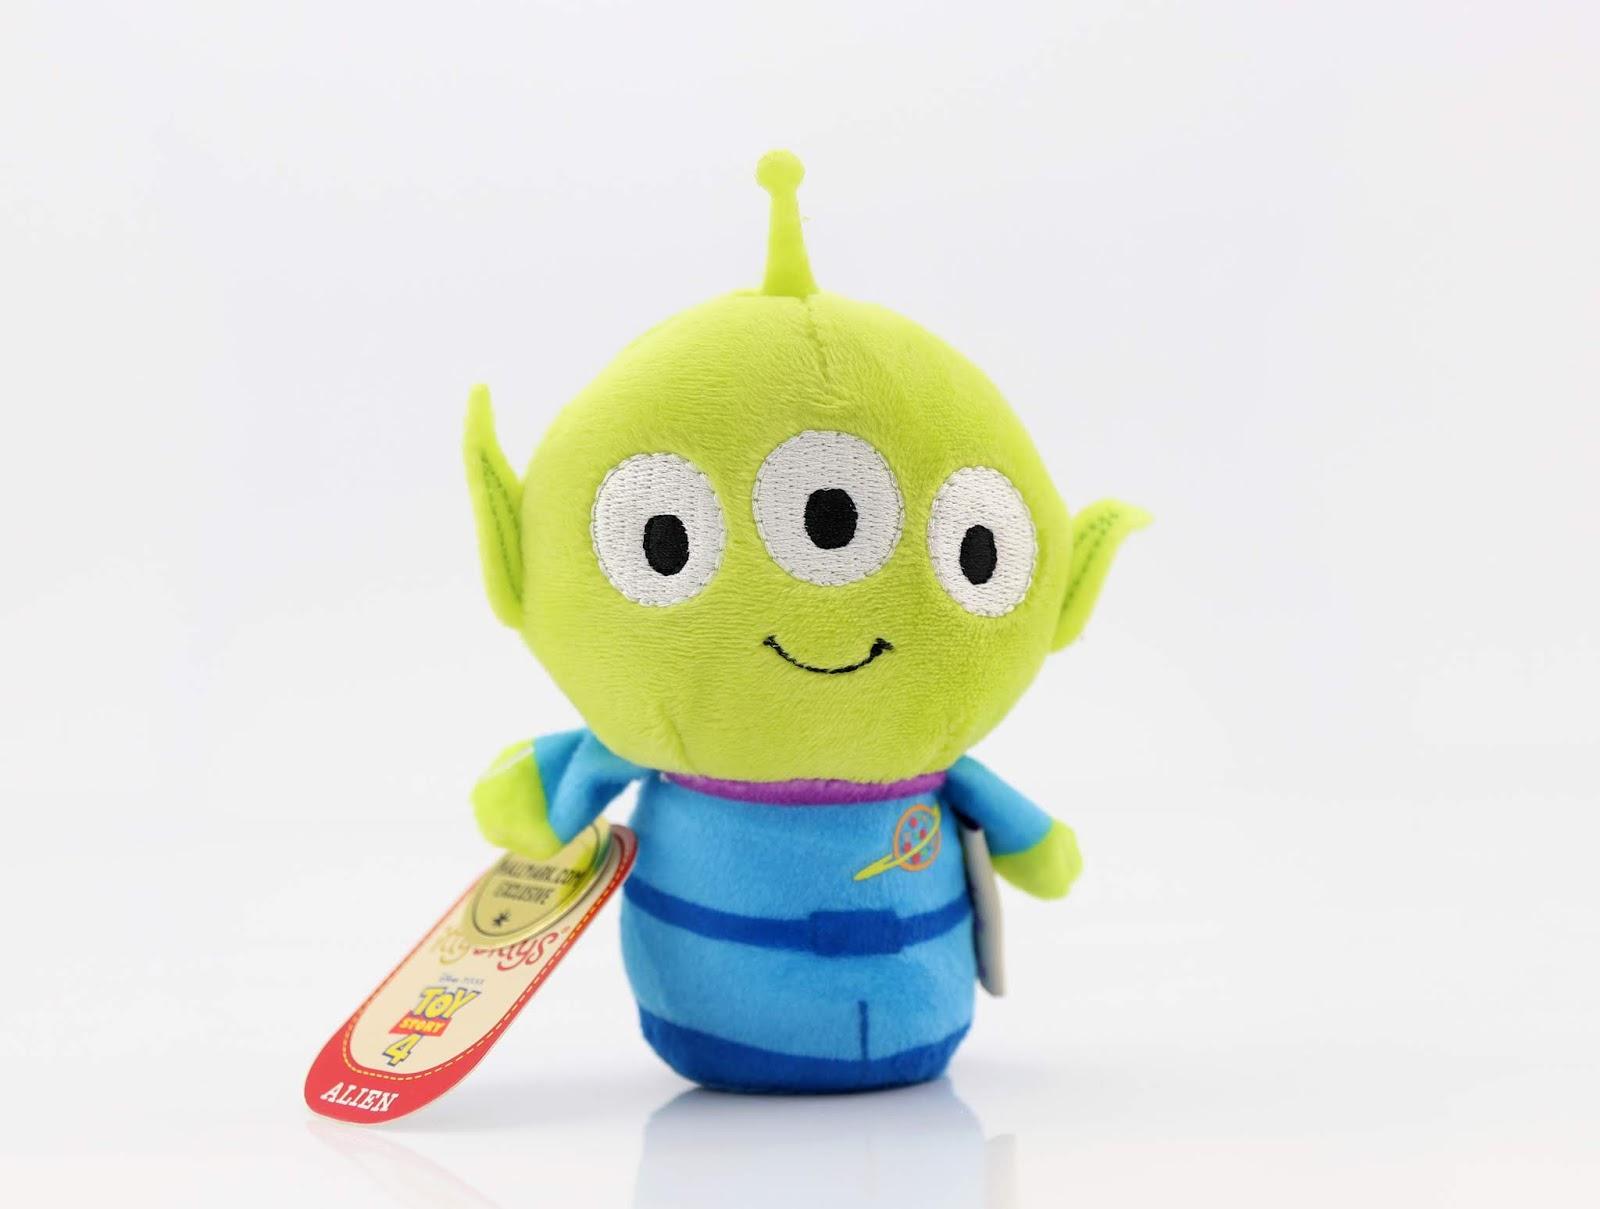 hallmark toy story 4 itty bittys alien